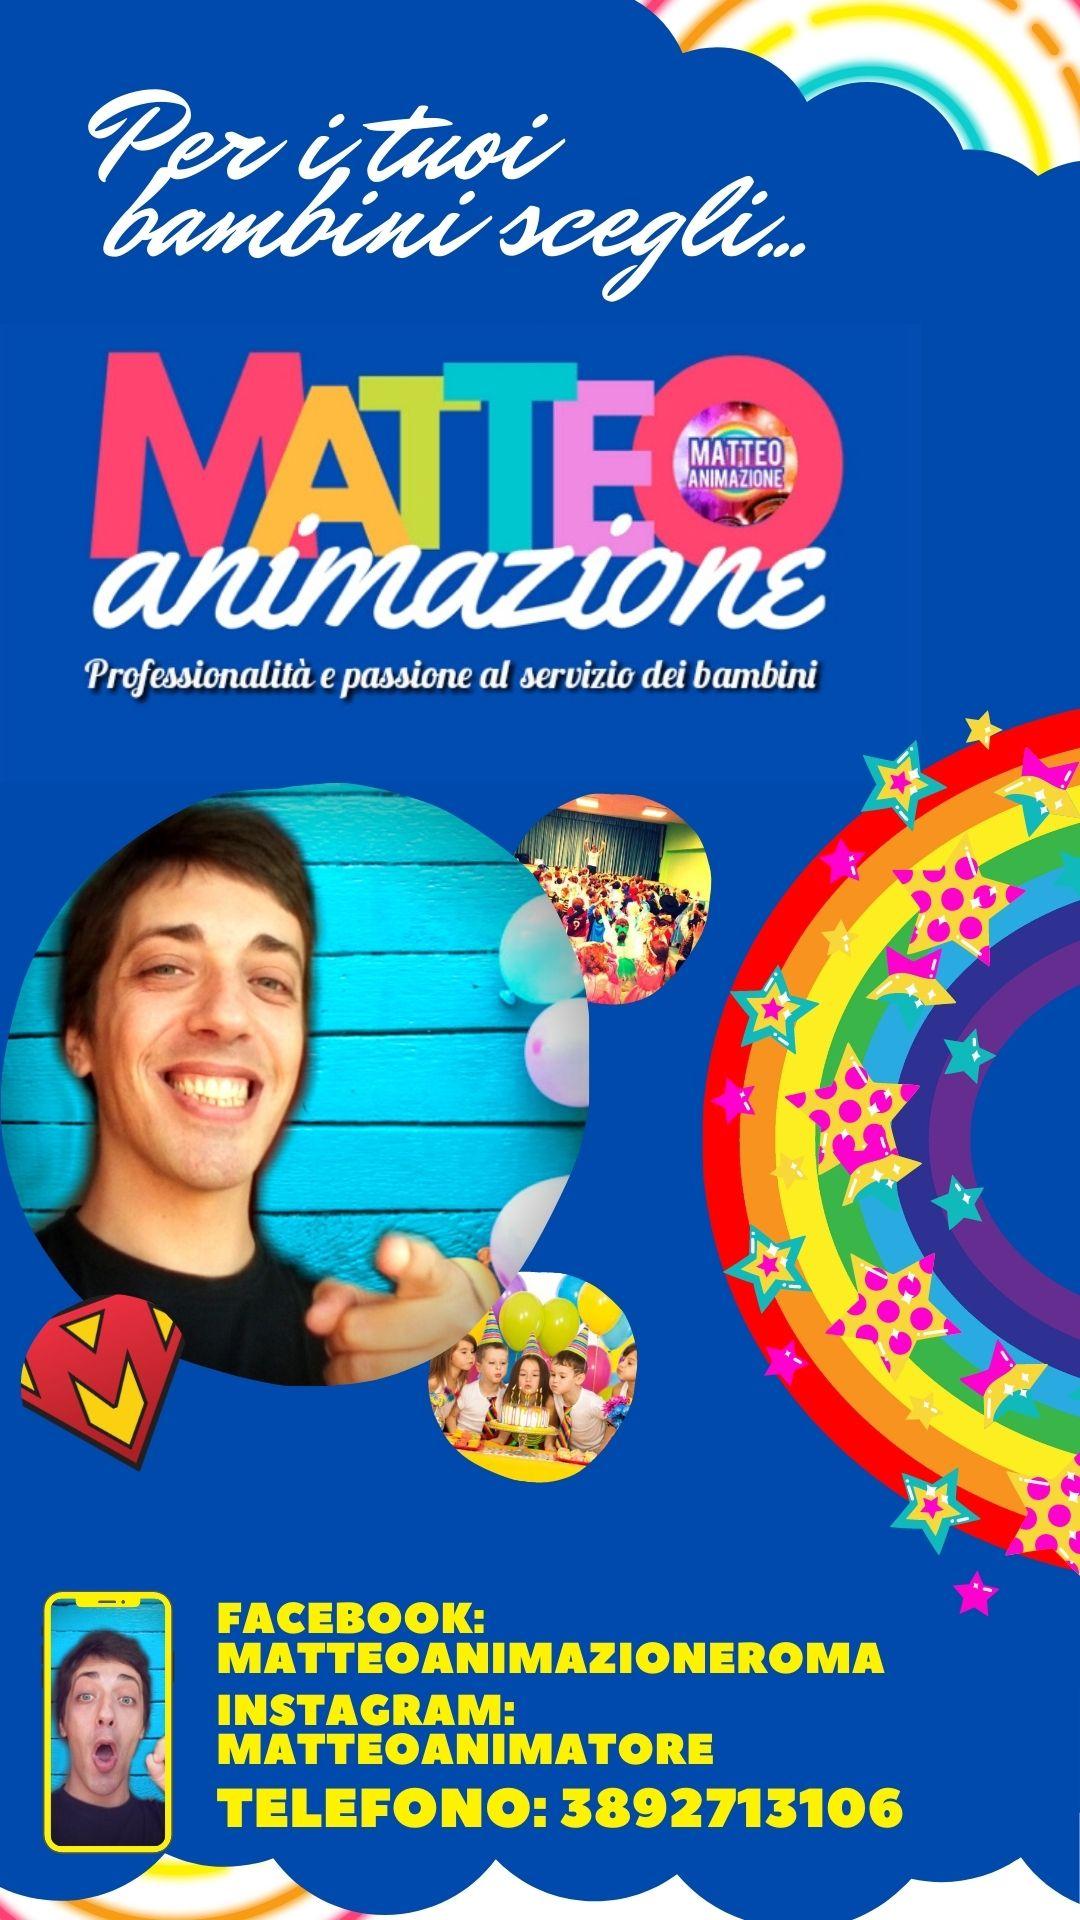 Matteo Animazione